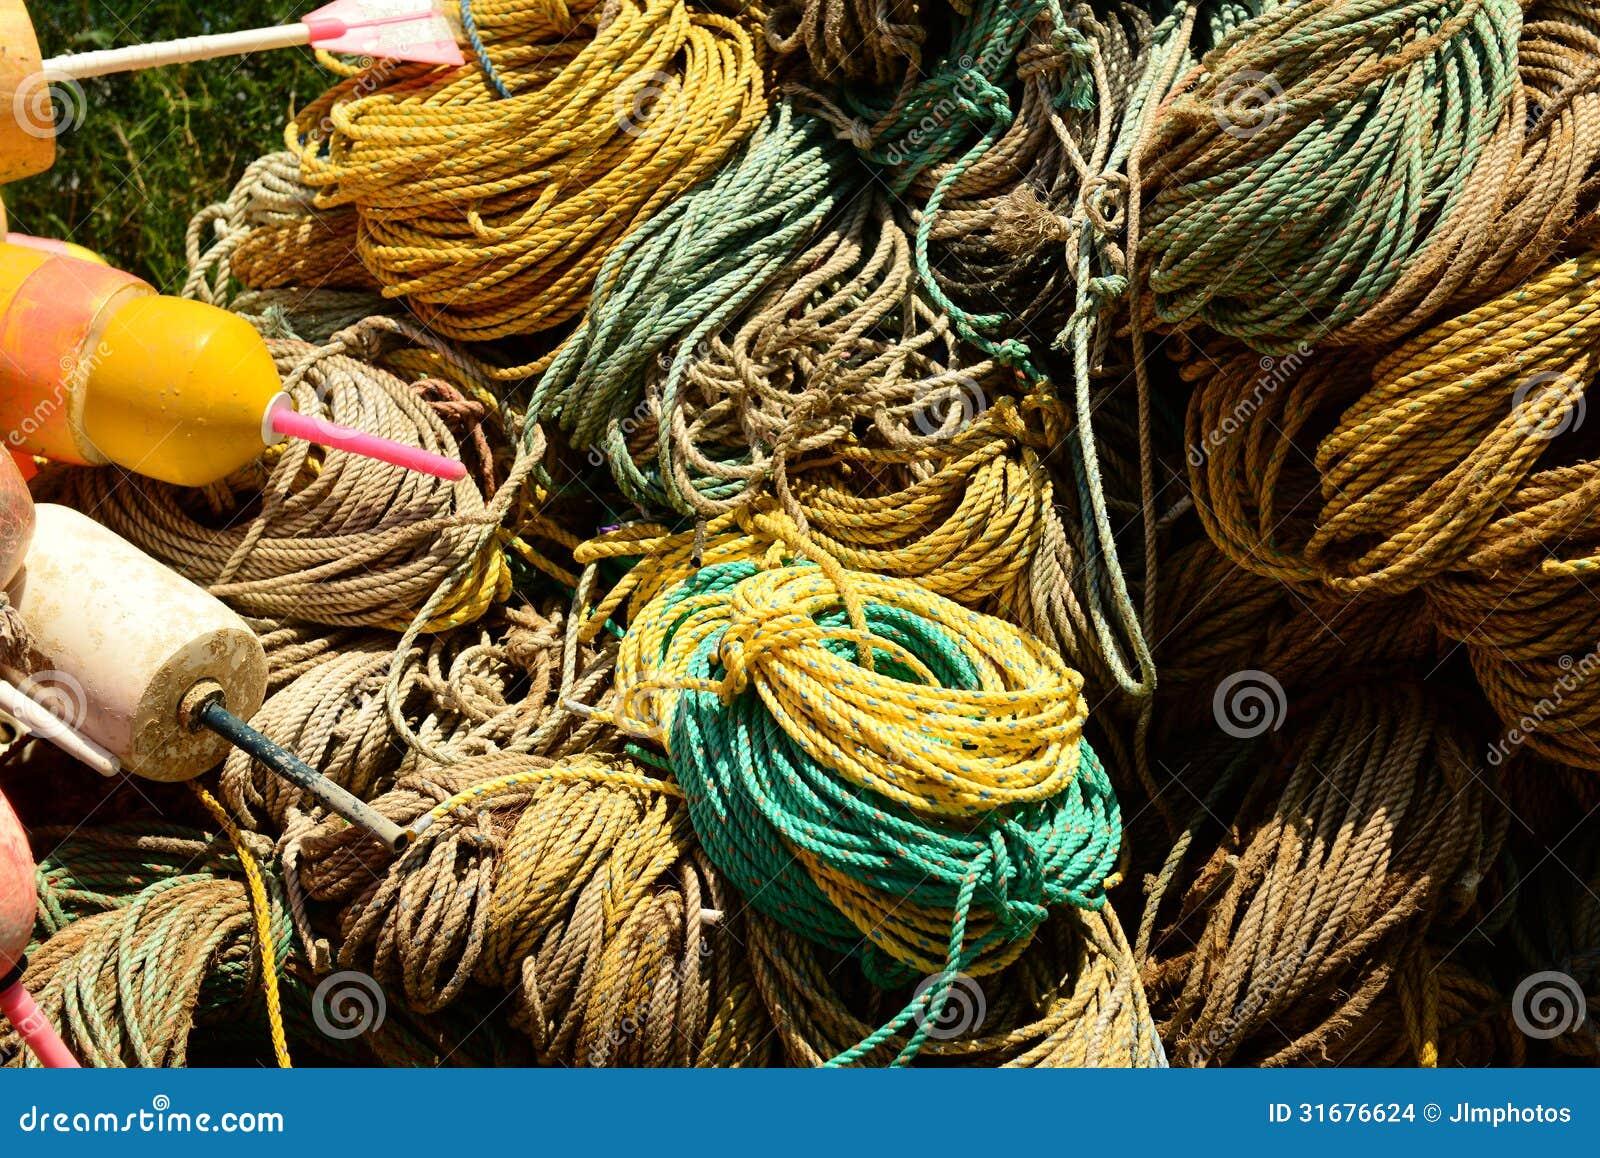 Muelle por completo de la cuerda usada en el comercio de la pesca